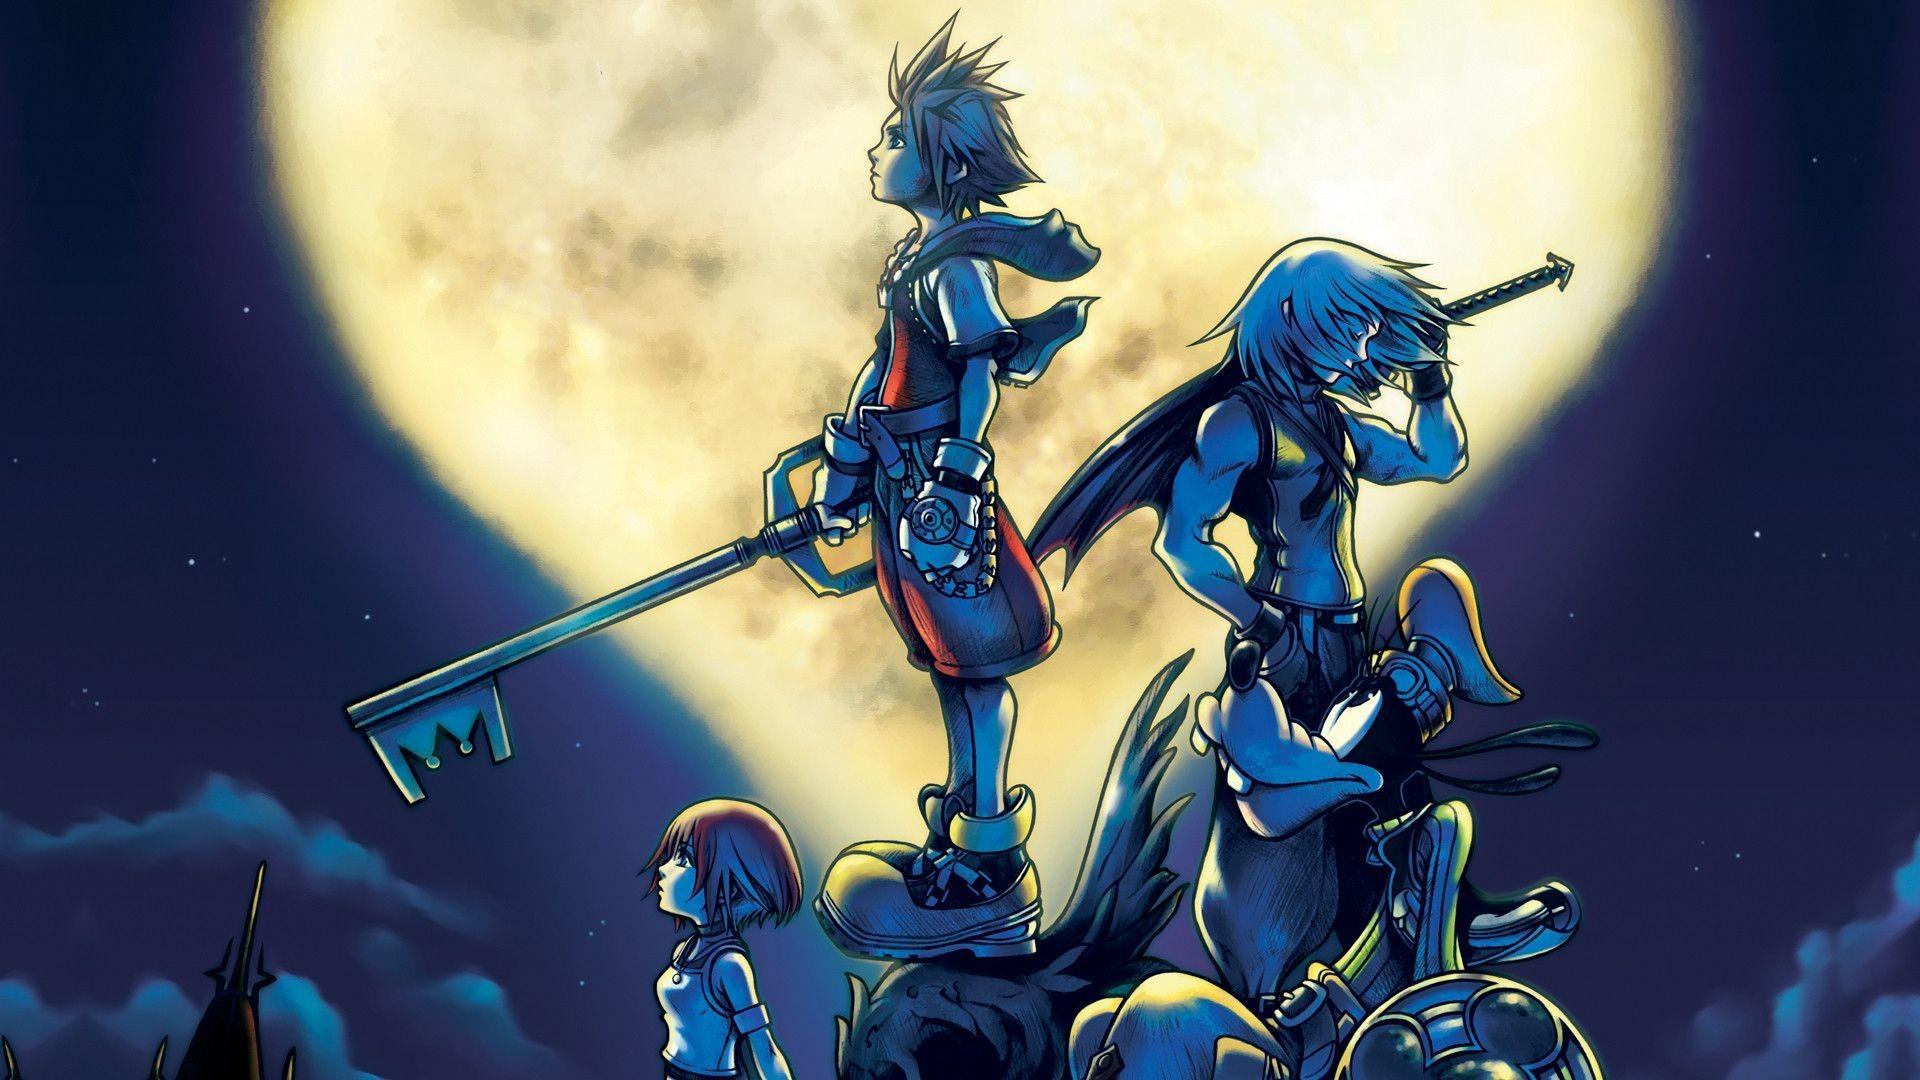 Kingdom Hearts 2 Wallpaper Download Free Stunning Hd